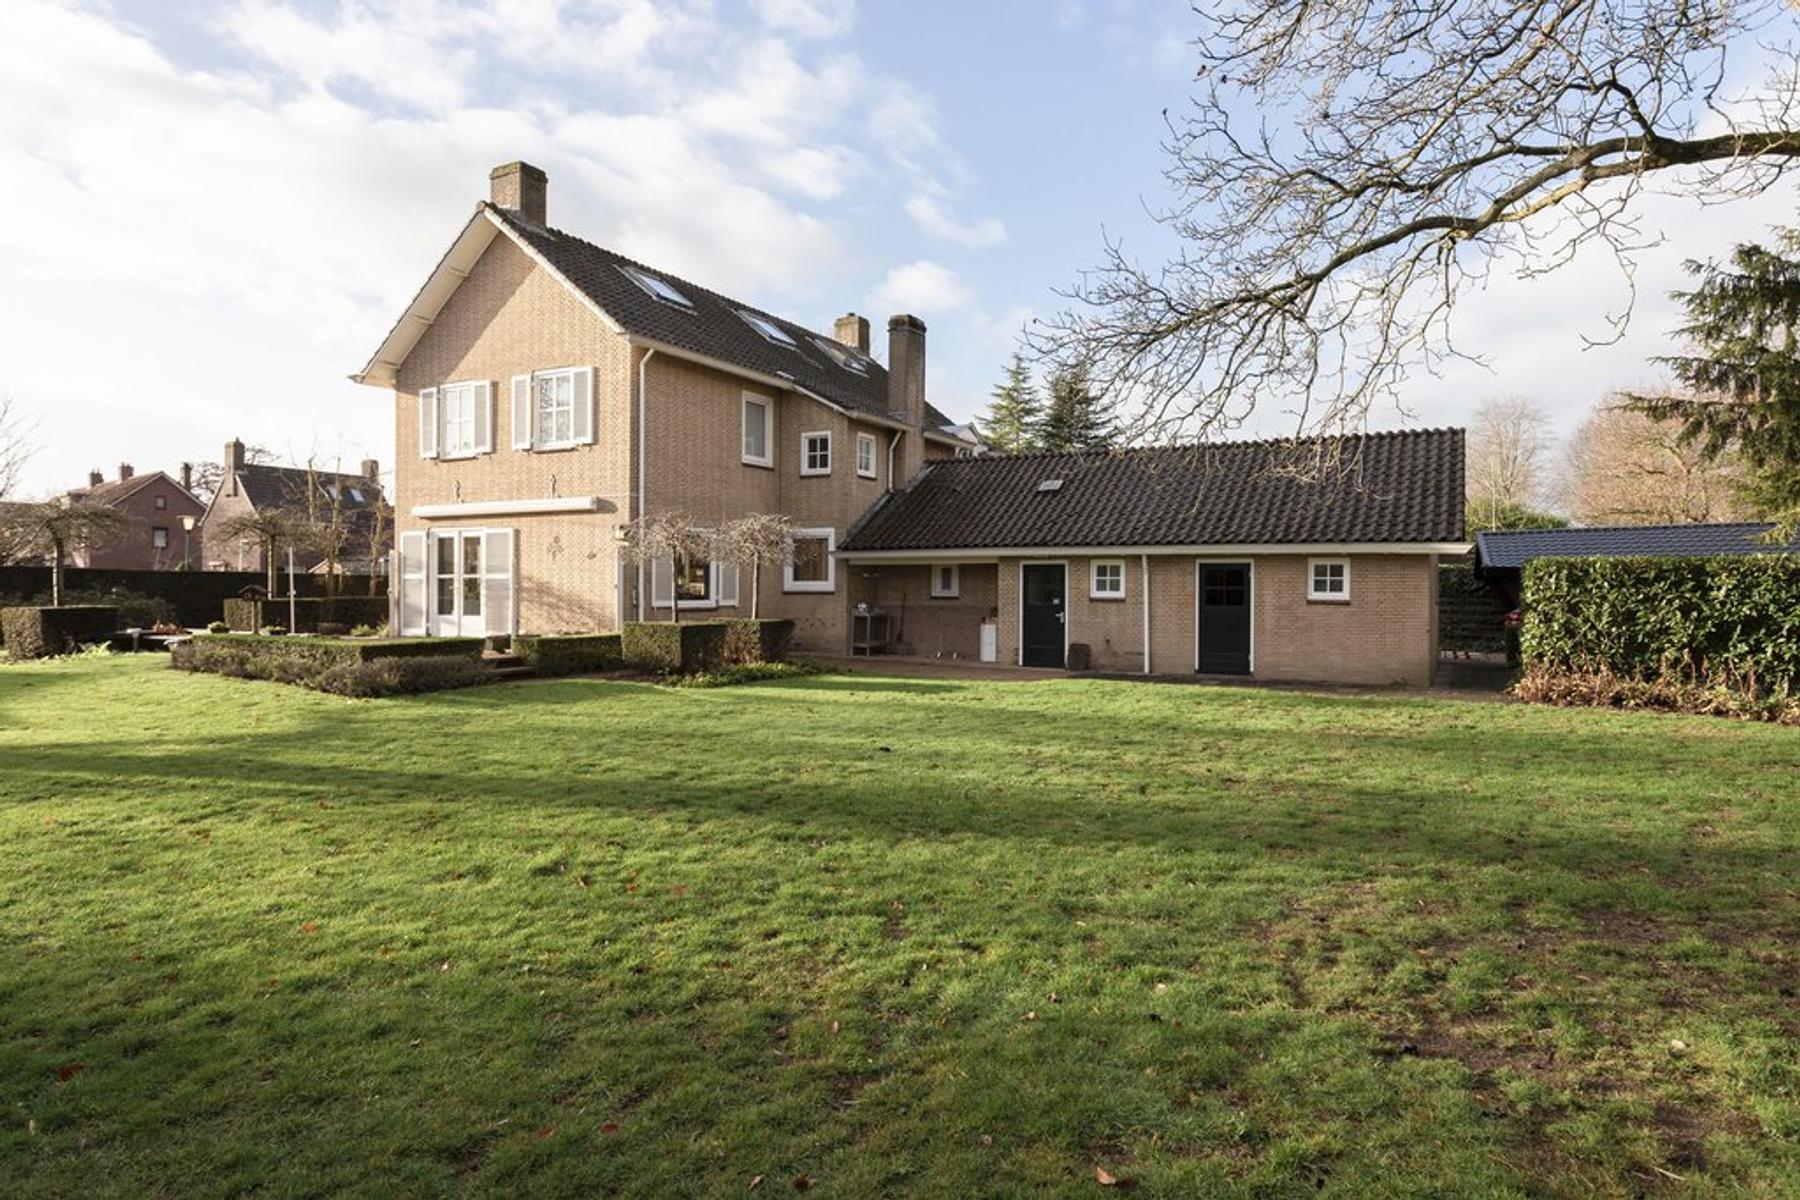 Atjehstraat 12 in Winterswijk 7101 BV